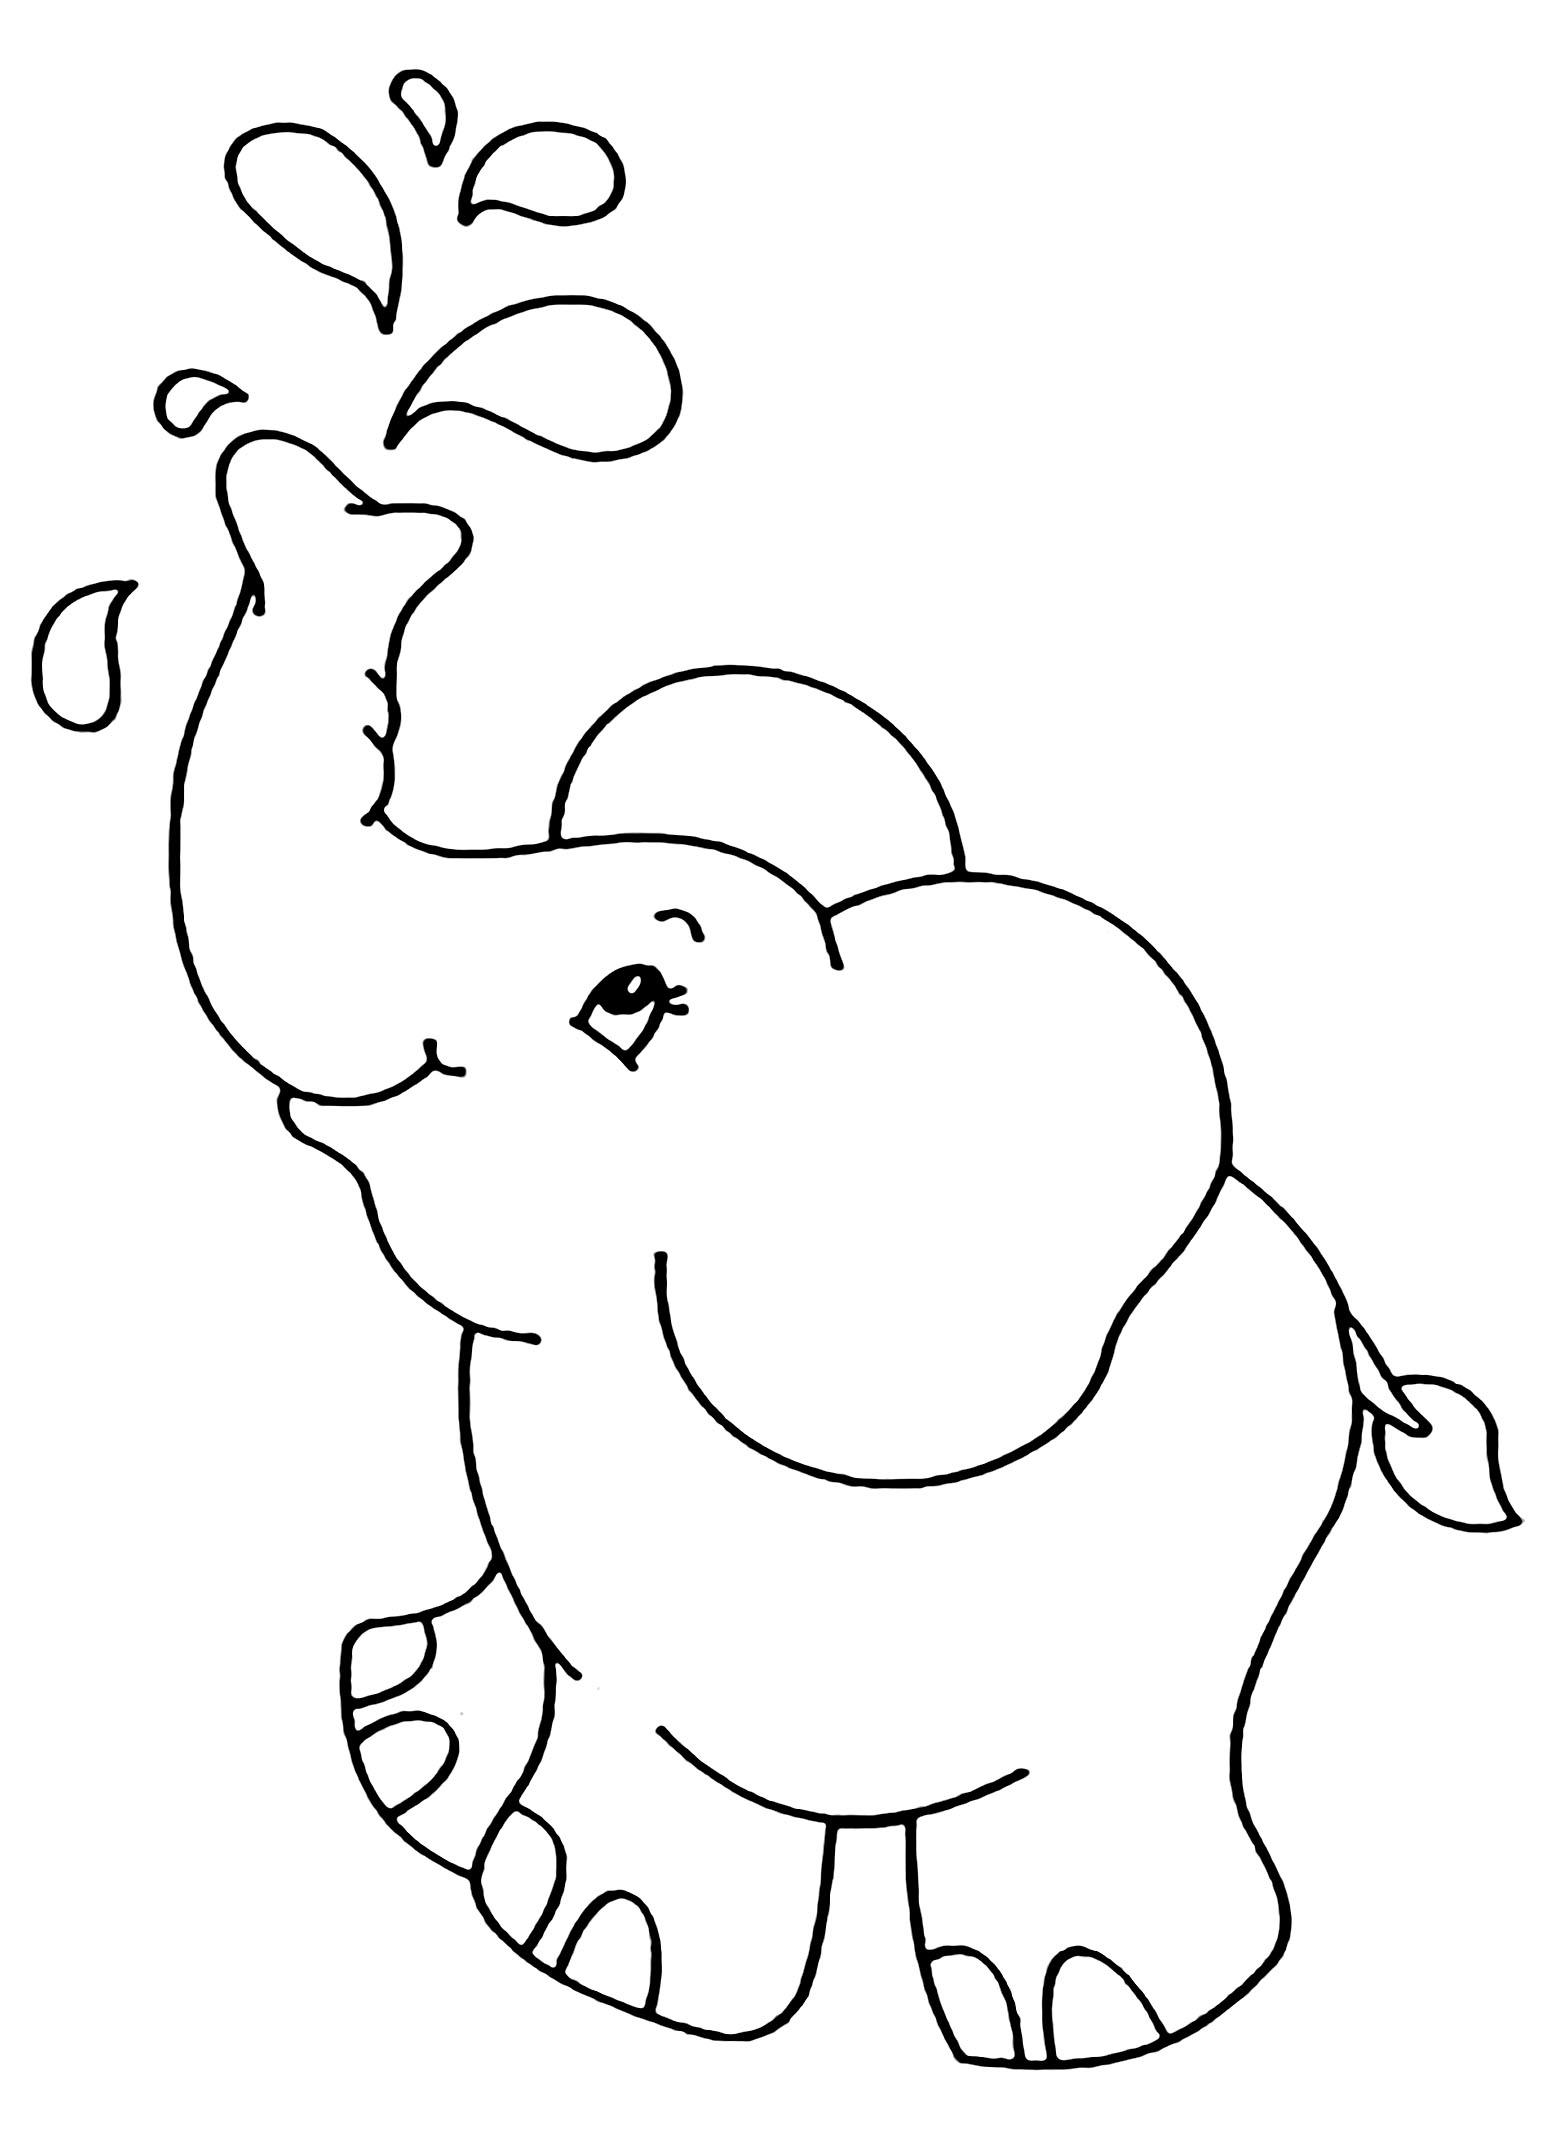 Coloriage D Elephant A Telecharger Gratuitement Coloriage D Elephants Coloriages Pour Enfants